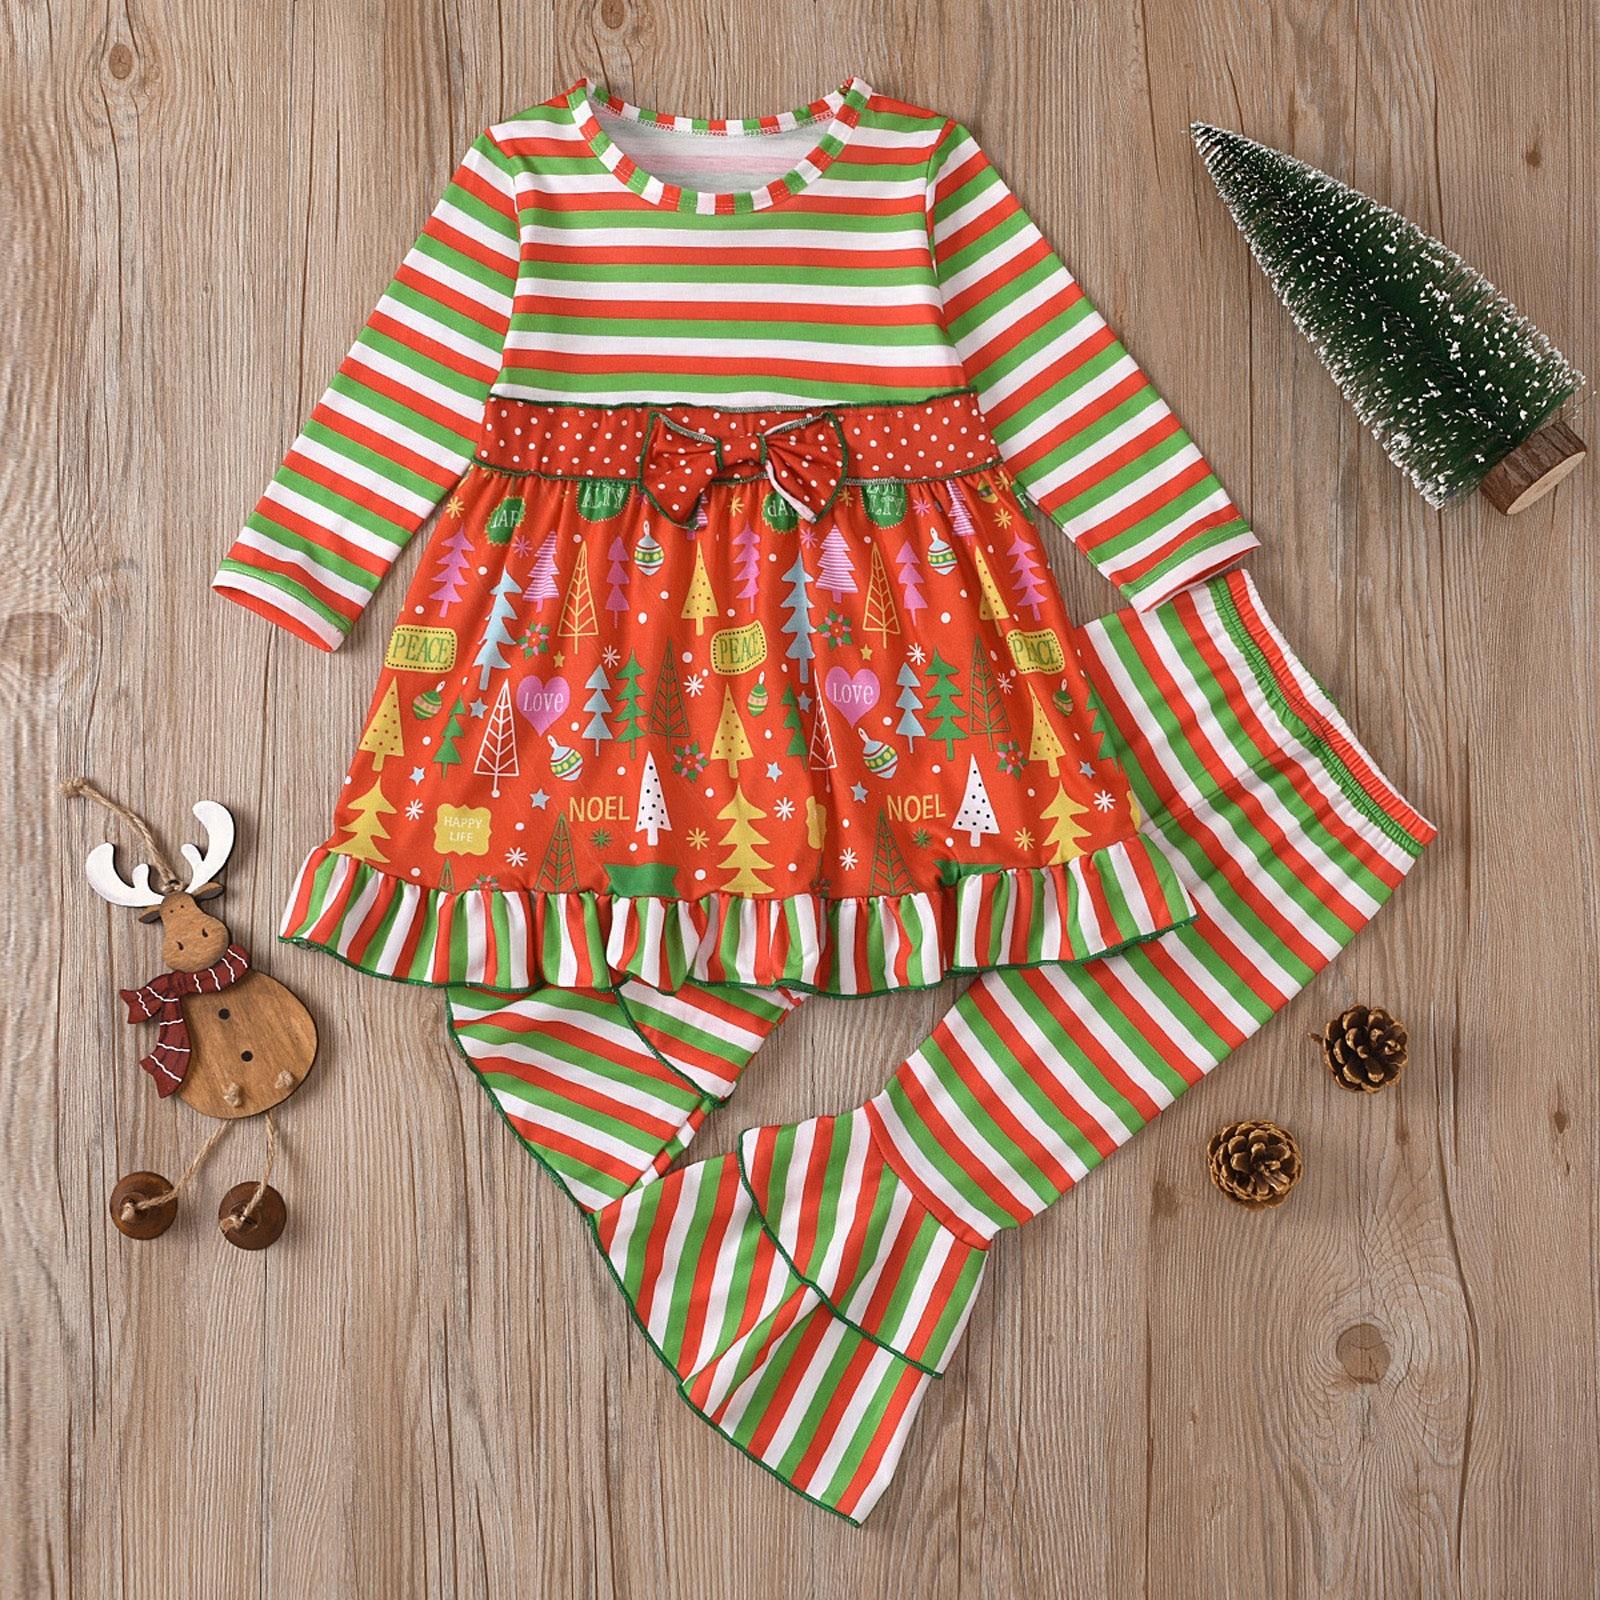 Ropa navideña para Niña, Tops con estampado de dibujos animados + pantalones...